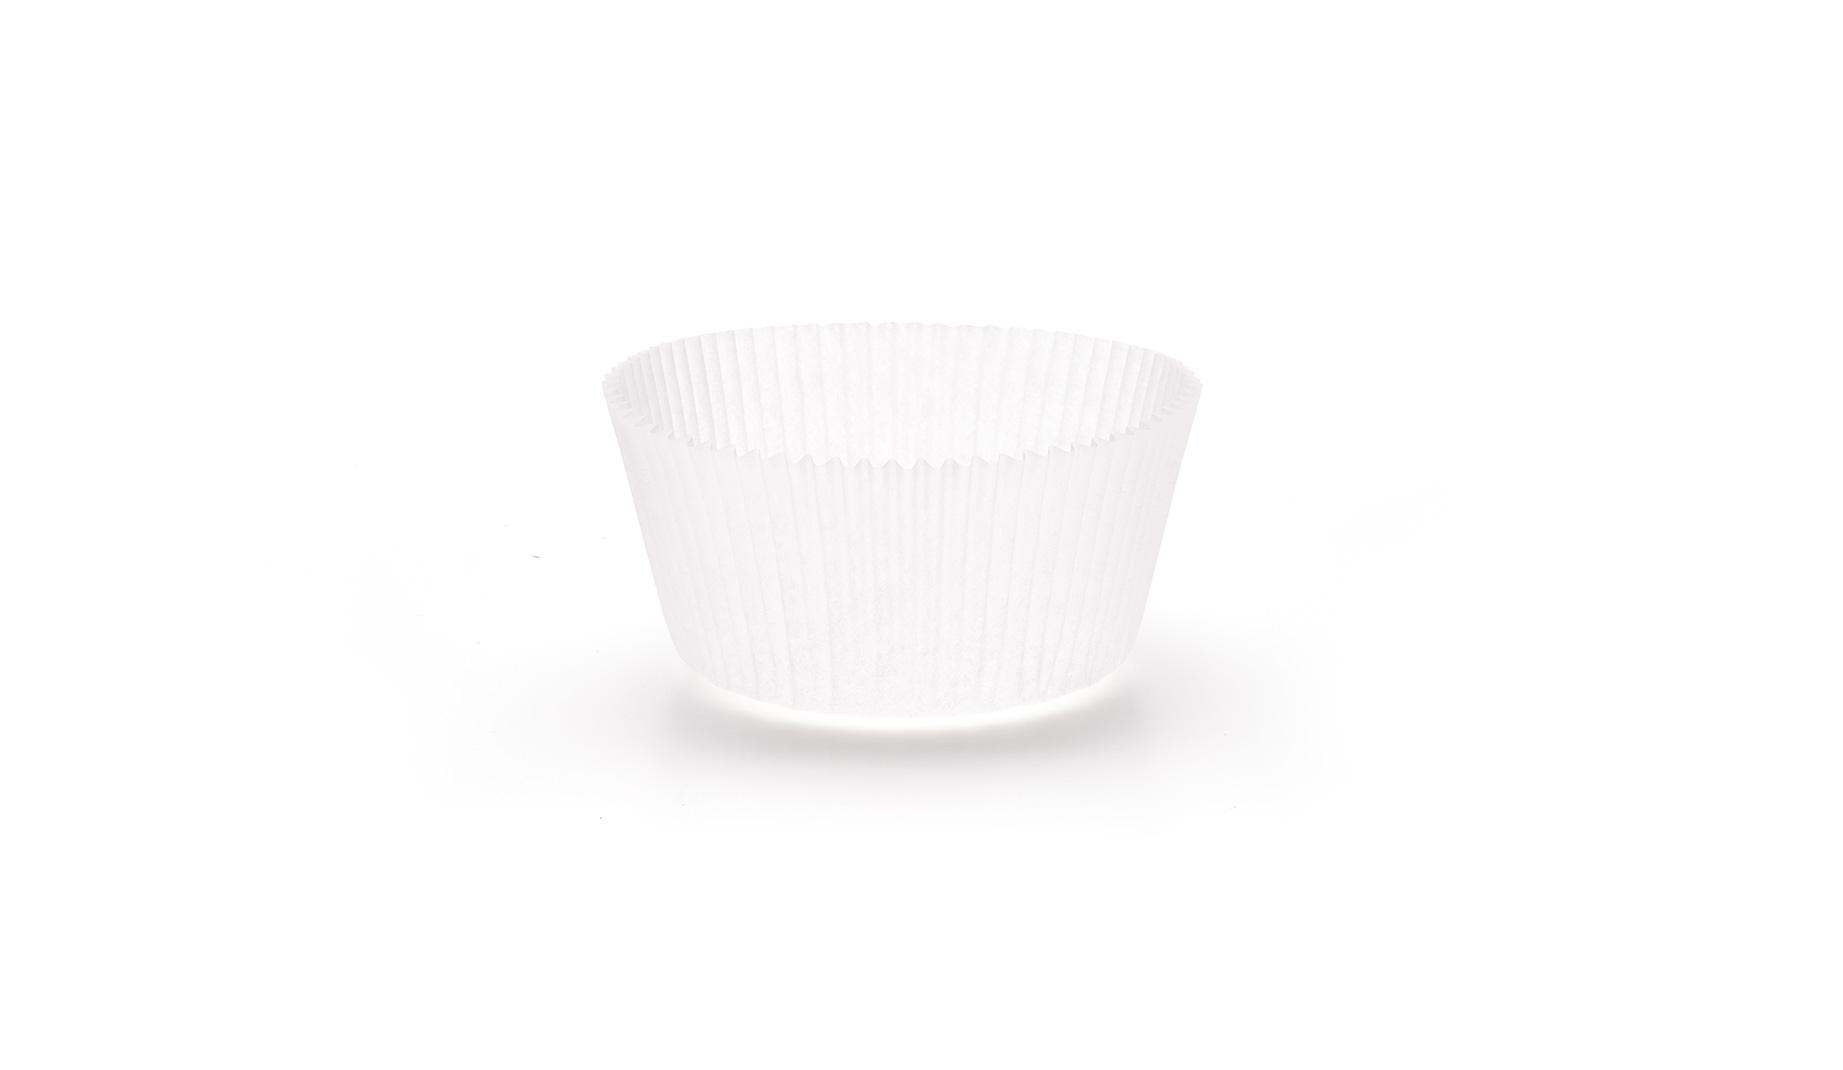 Novacart RD baking cup